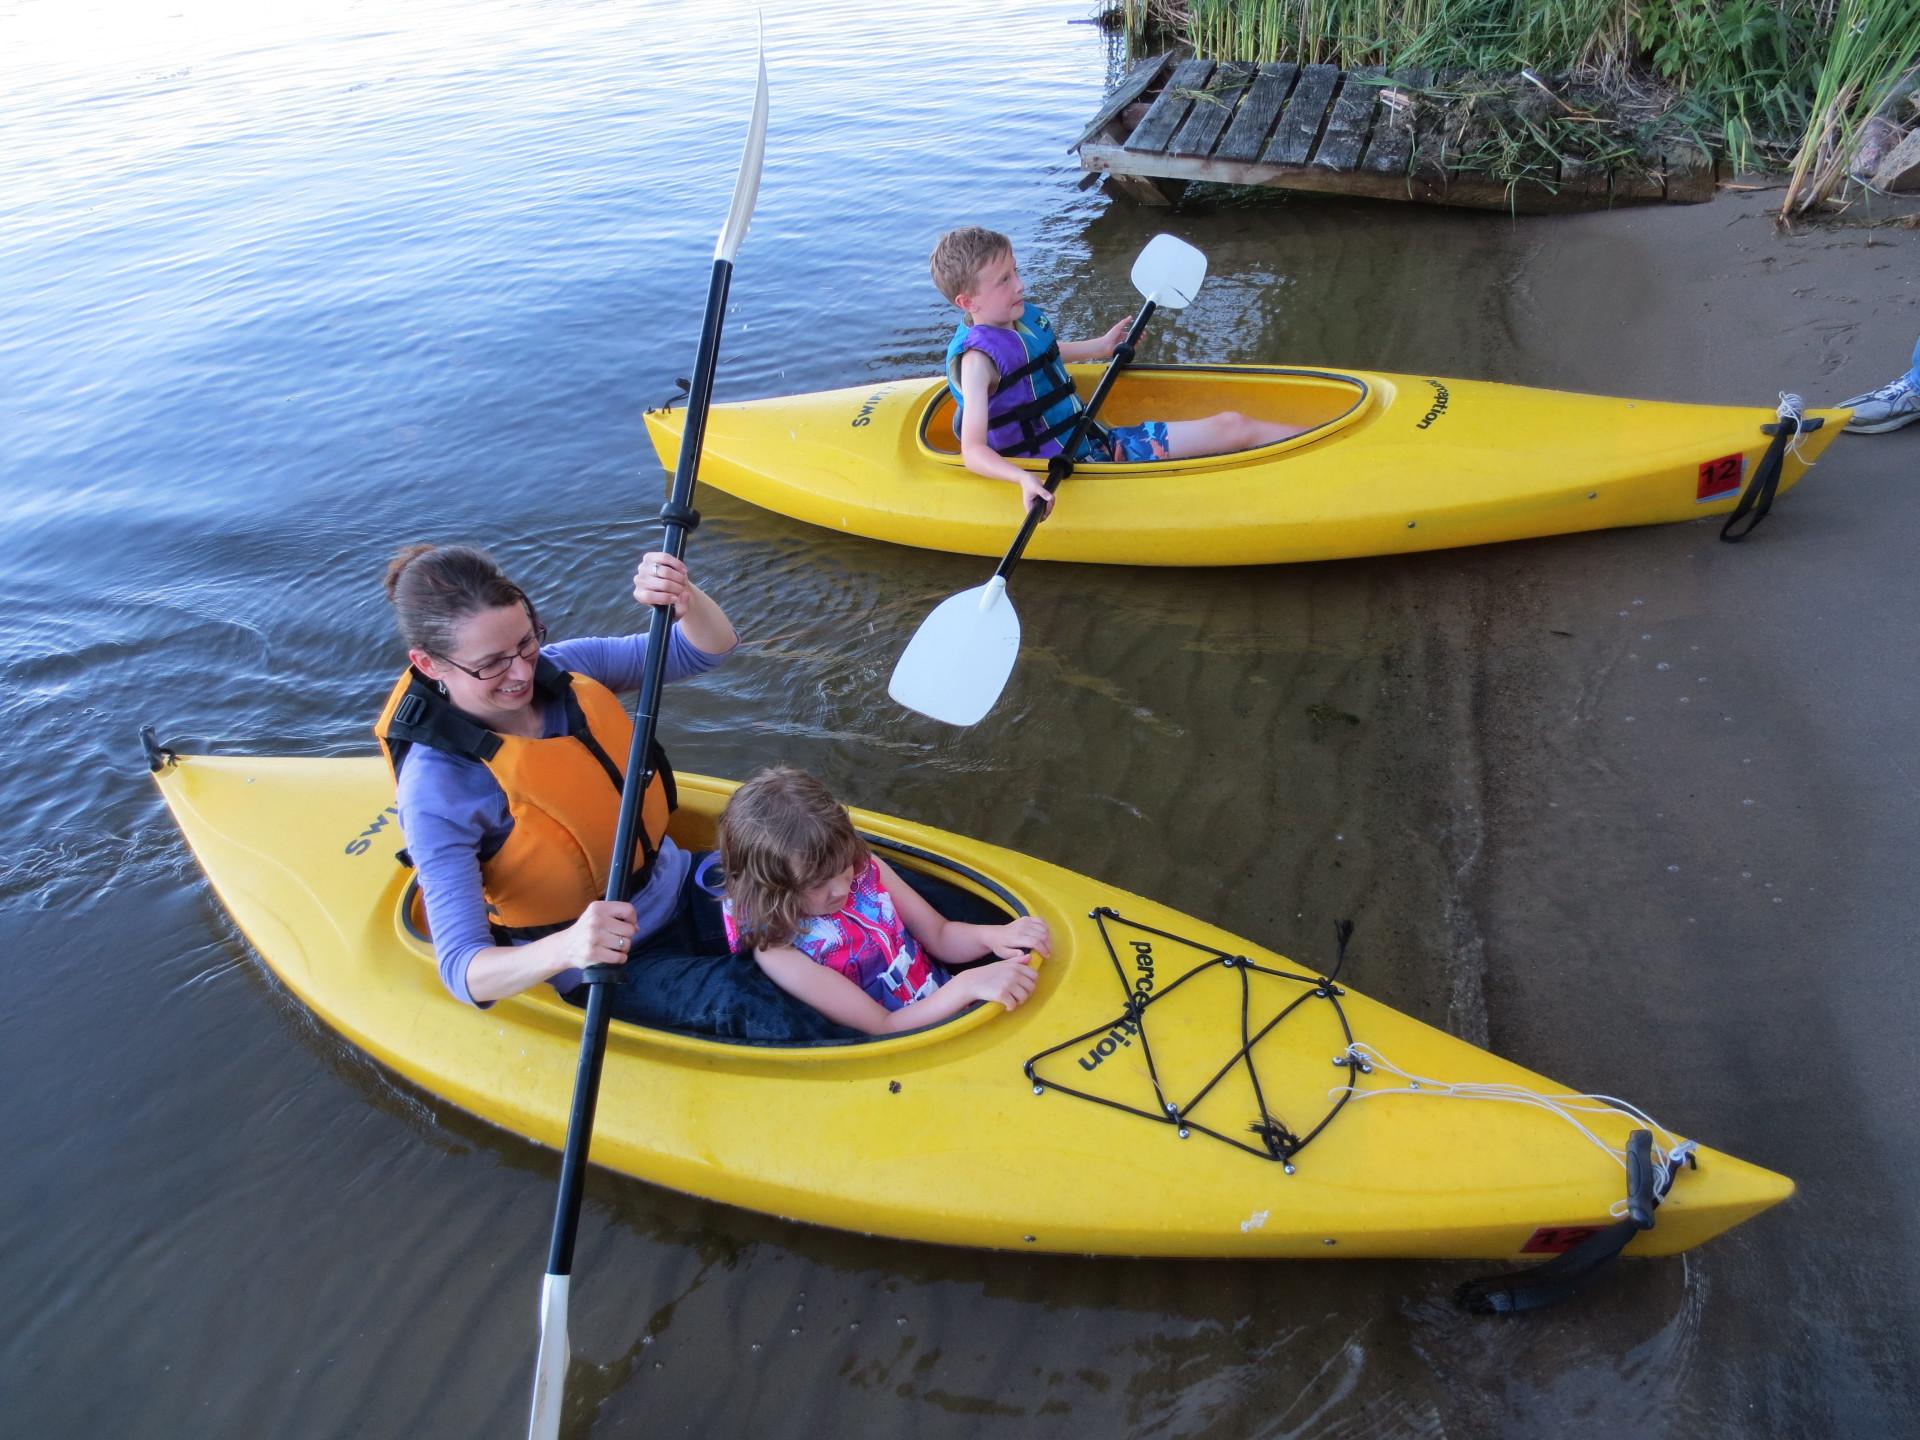 Kids and mom kayak on the lake - 2014